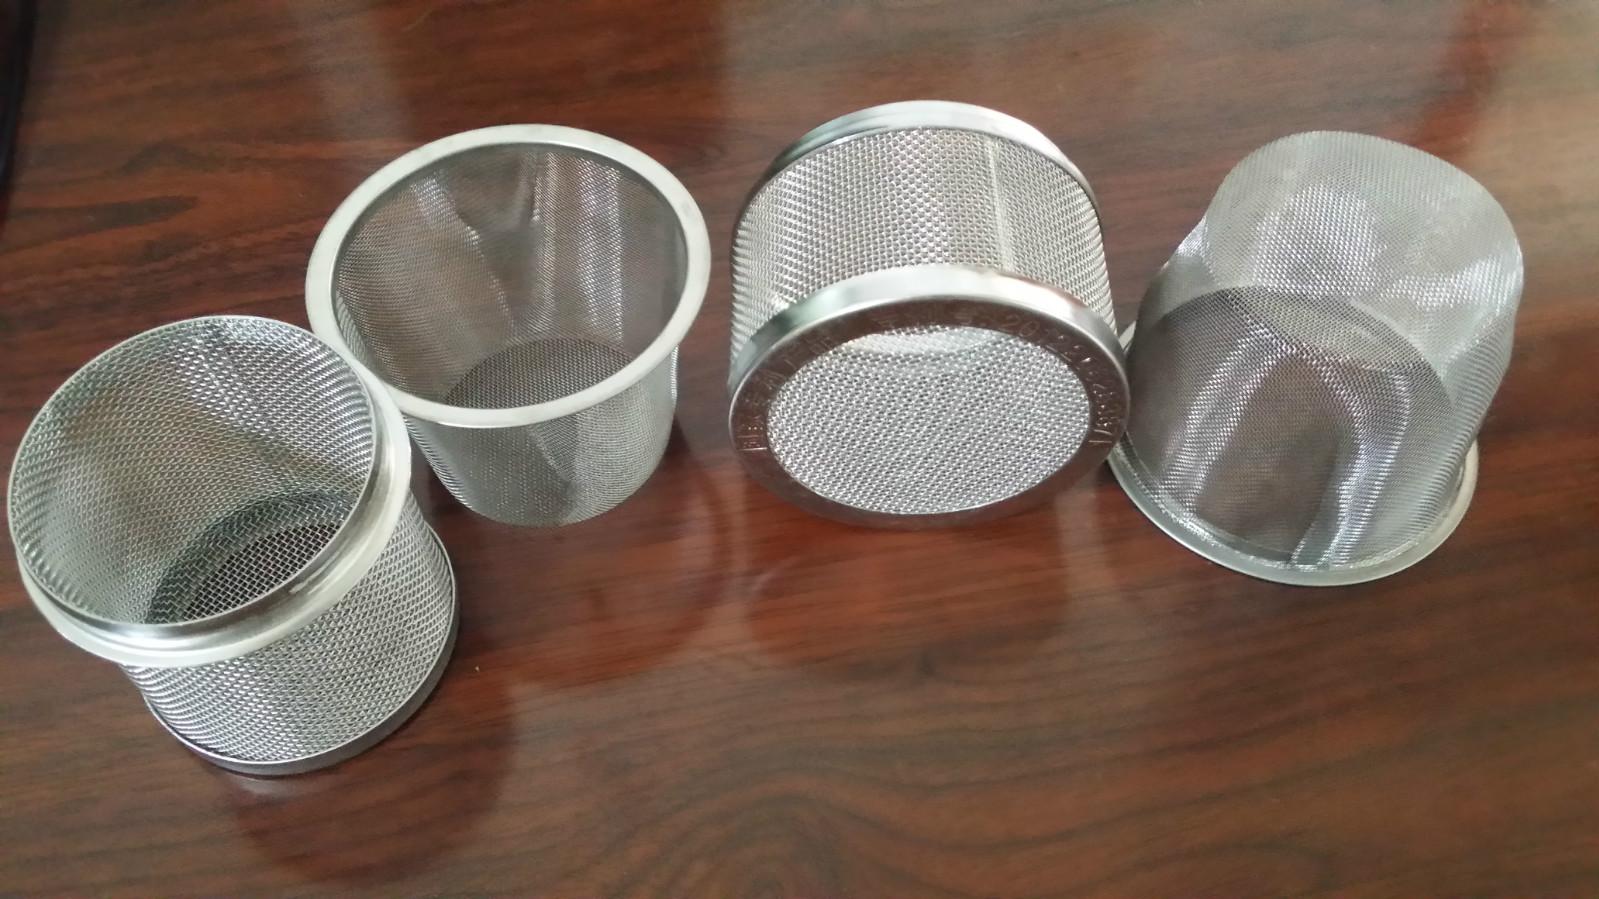 供应专业咖啡机滤网杯茶壶过滤网